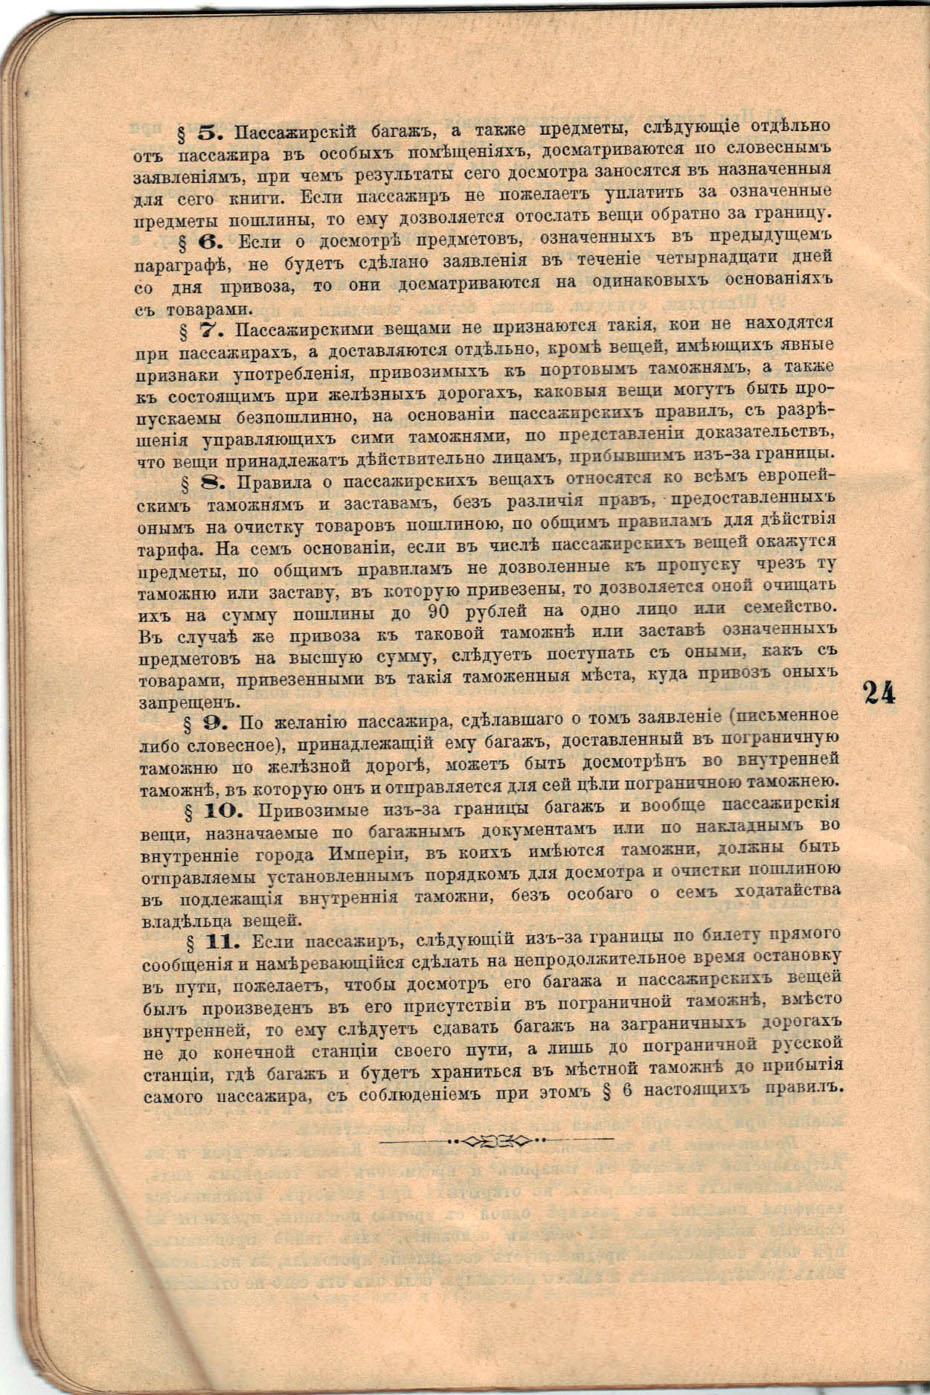 Polya's Russian Passport p24